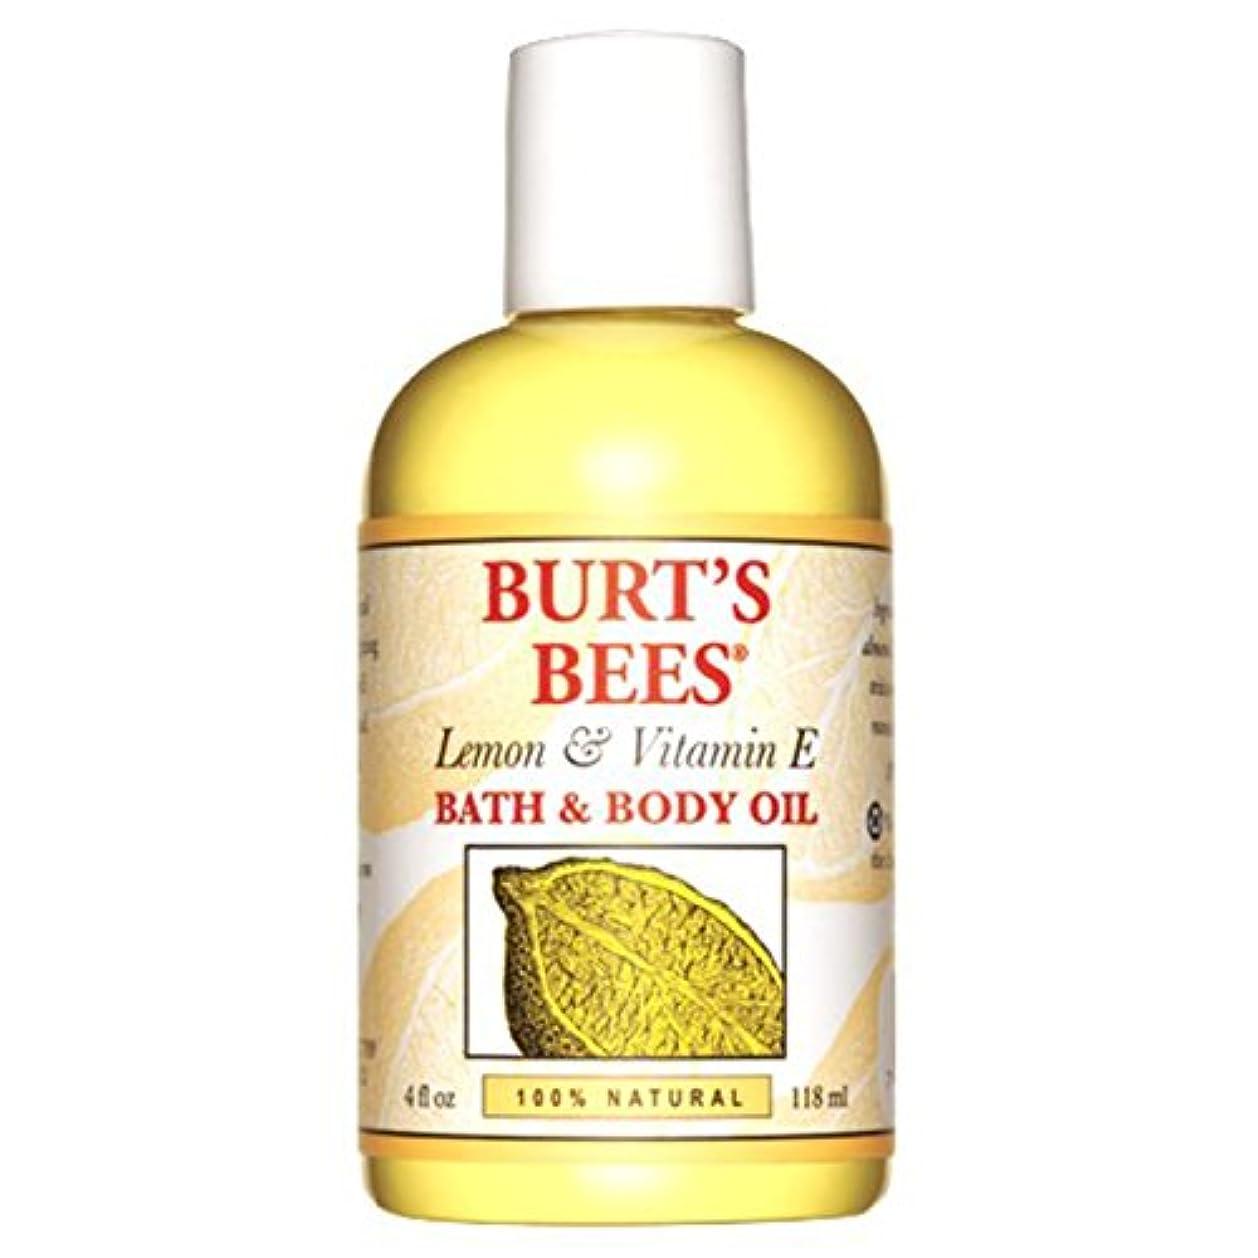 意気消沈した更新ストレッチバーツビーズ (Burt's Bees) L&E バス&ボディオイル 118ml